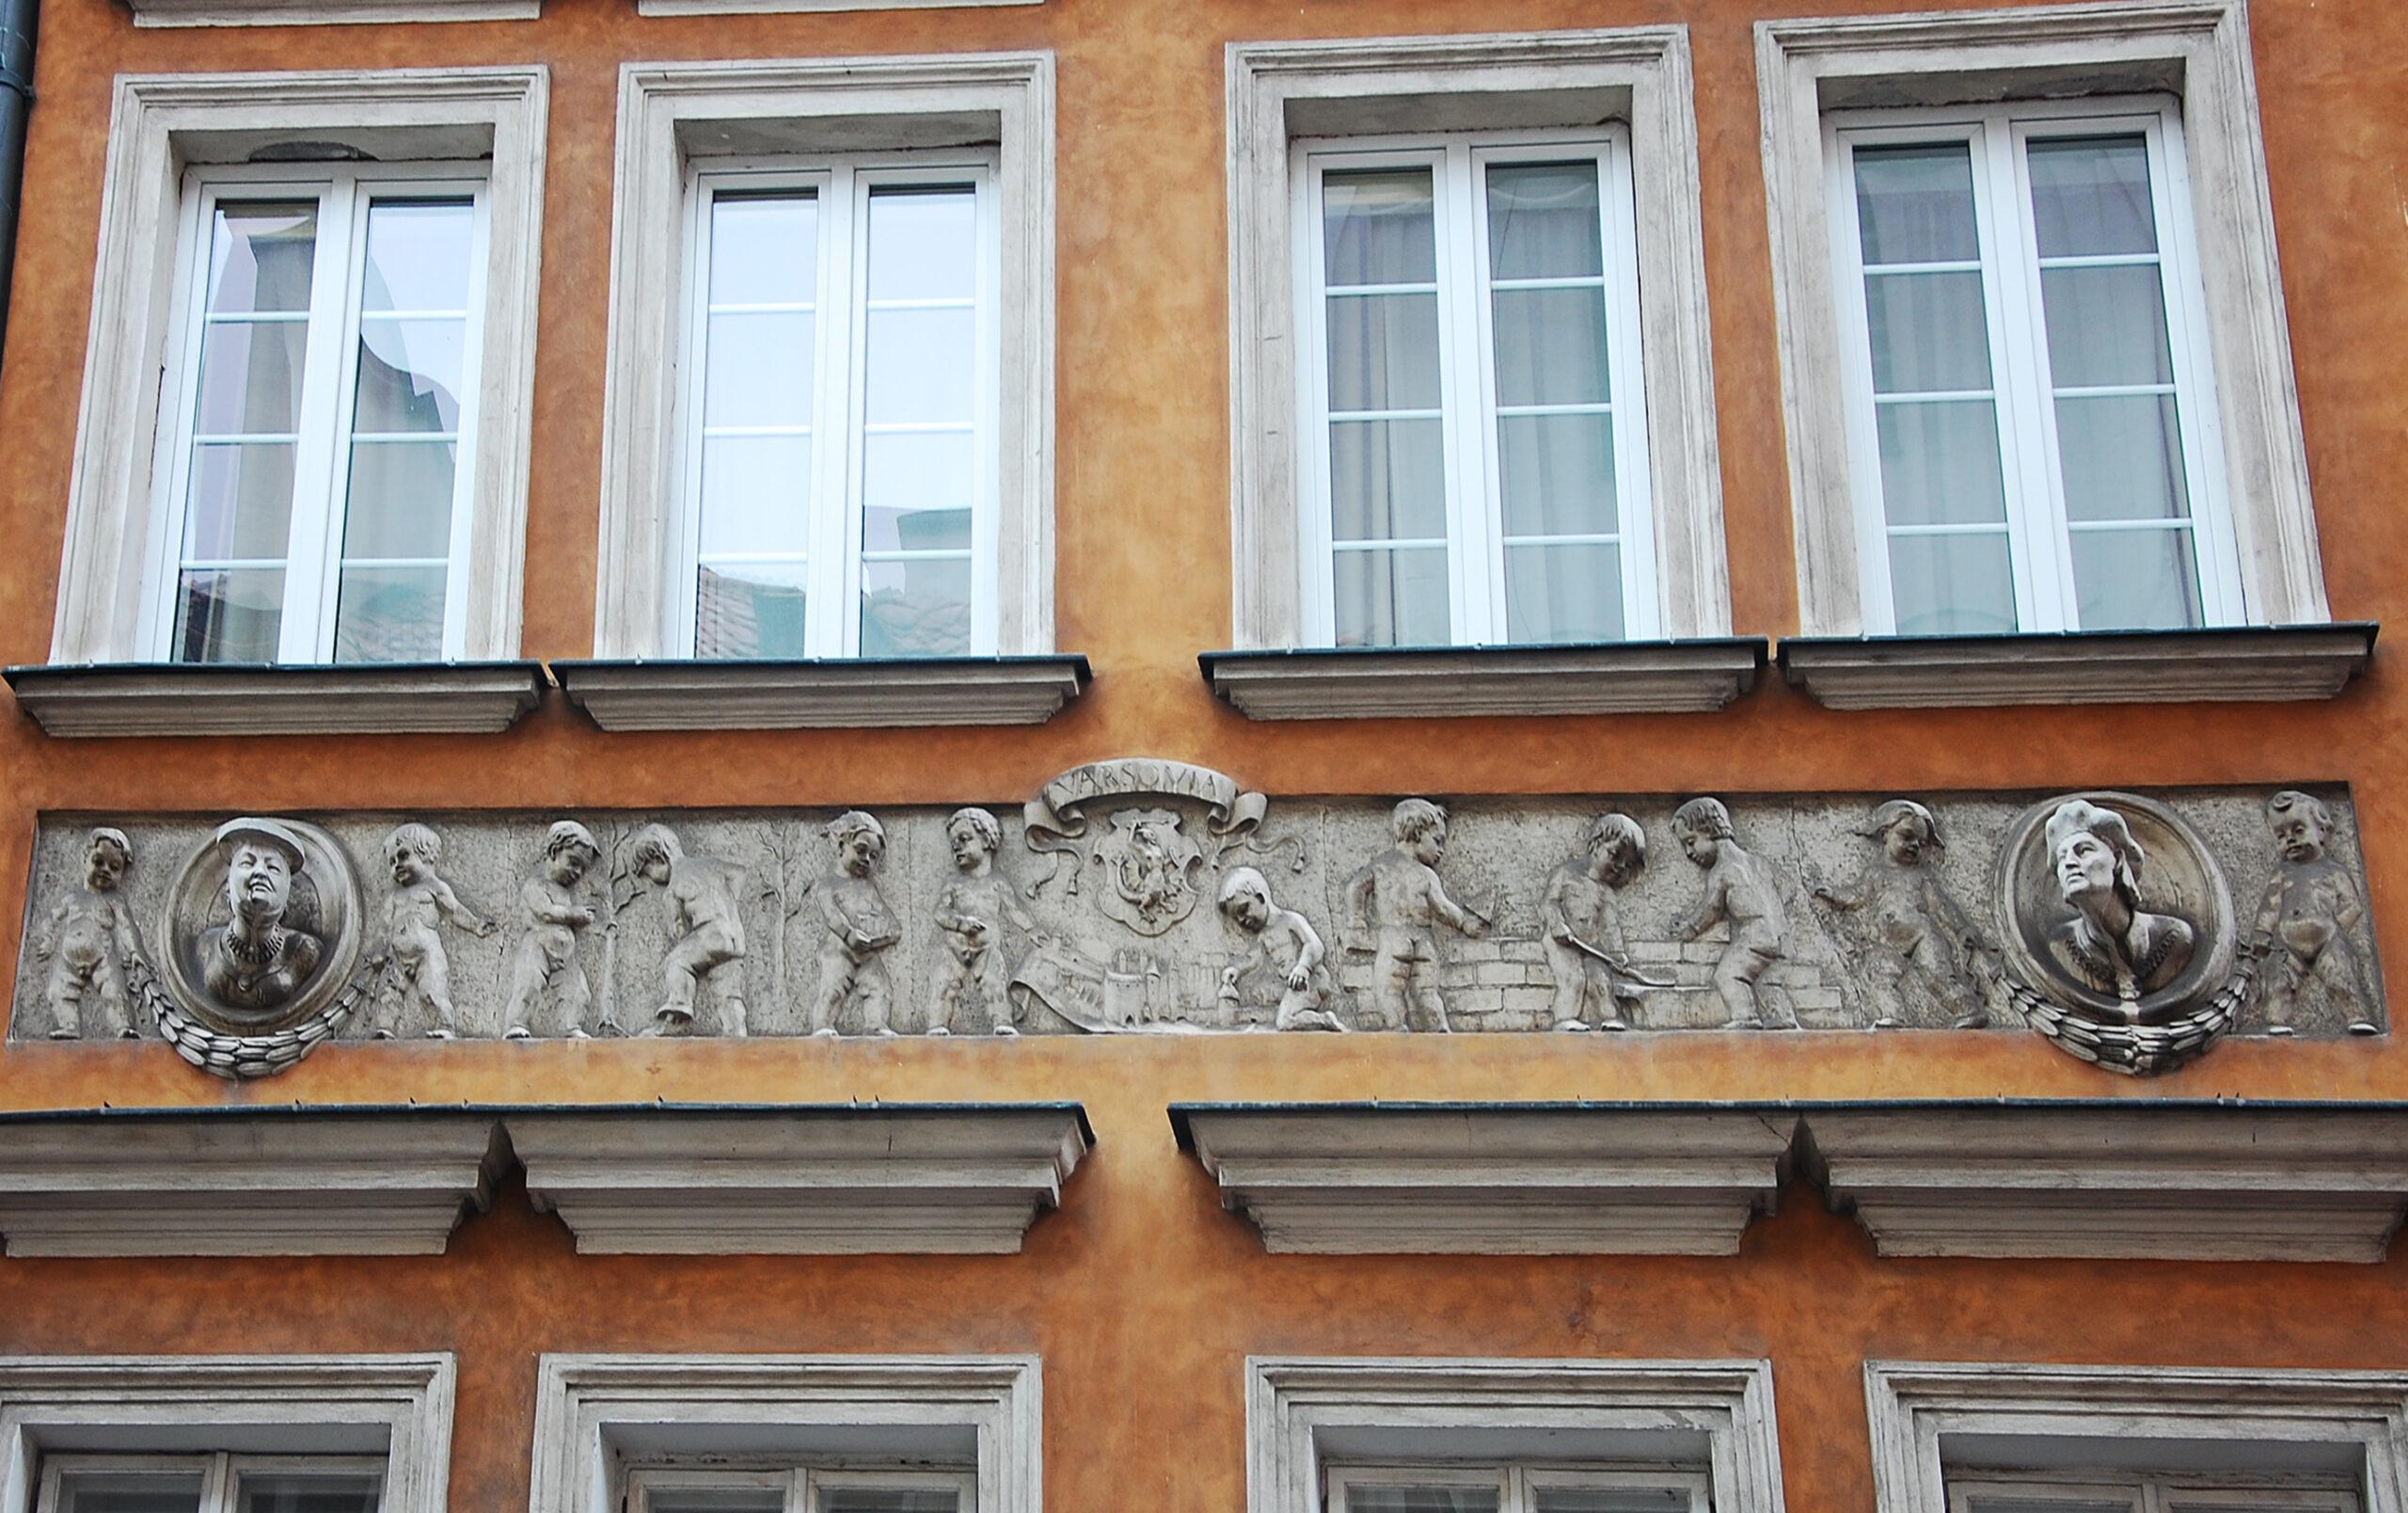 Zdjęcie fragmentu fasady kamienicy. Dwa rzędy okien, między nimi płaskorzeźbiony fryz zpracującymi puttami.